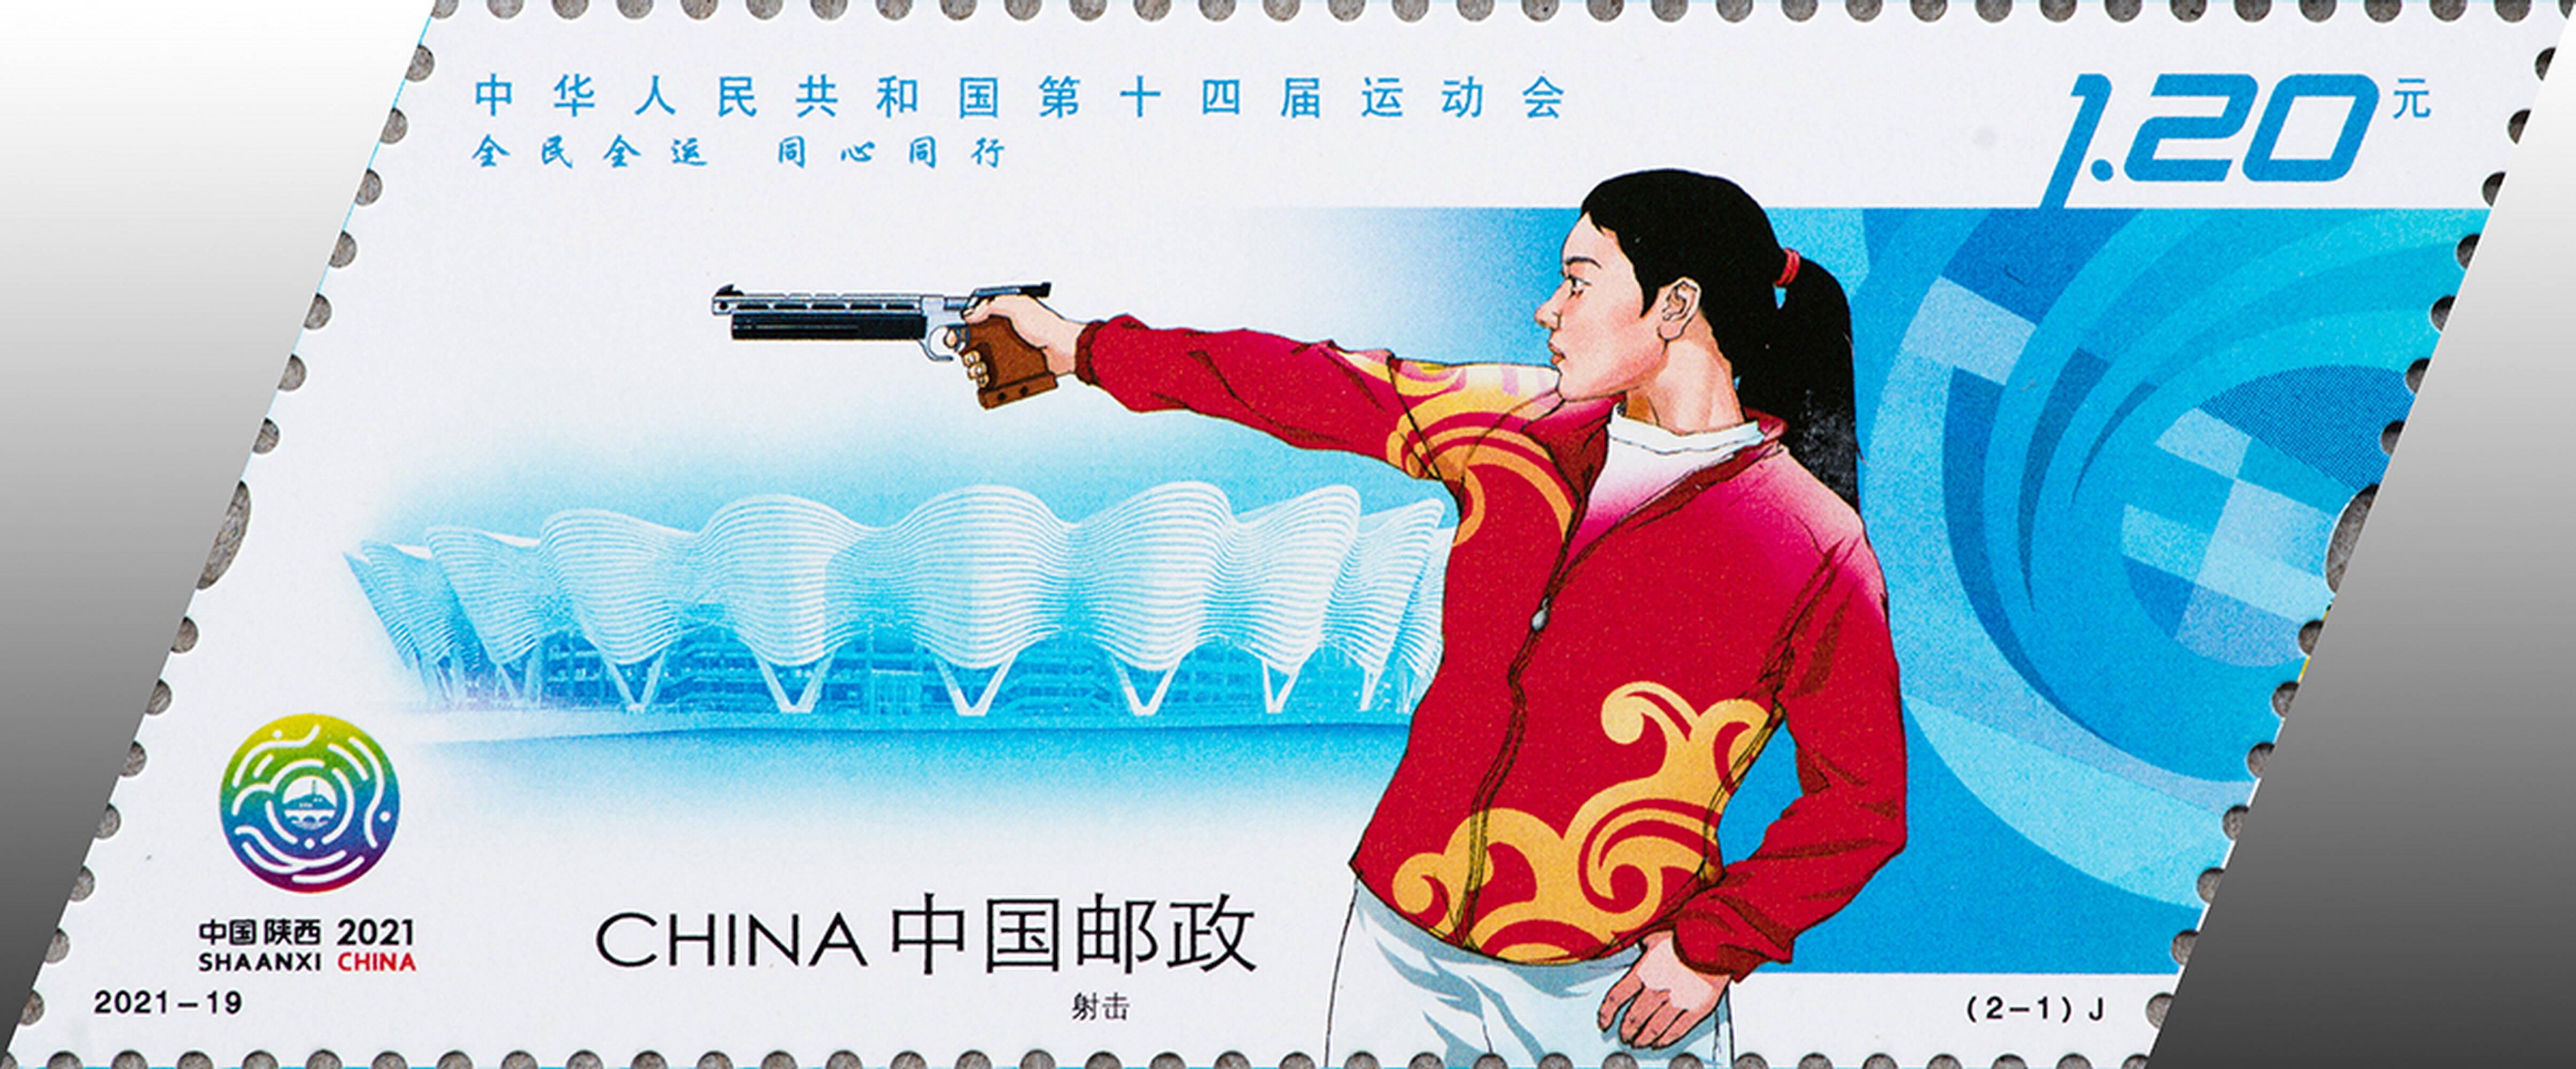 《中华人民共和国第十四届运动会》纪念邮票发行